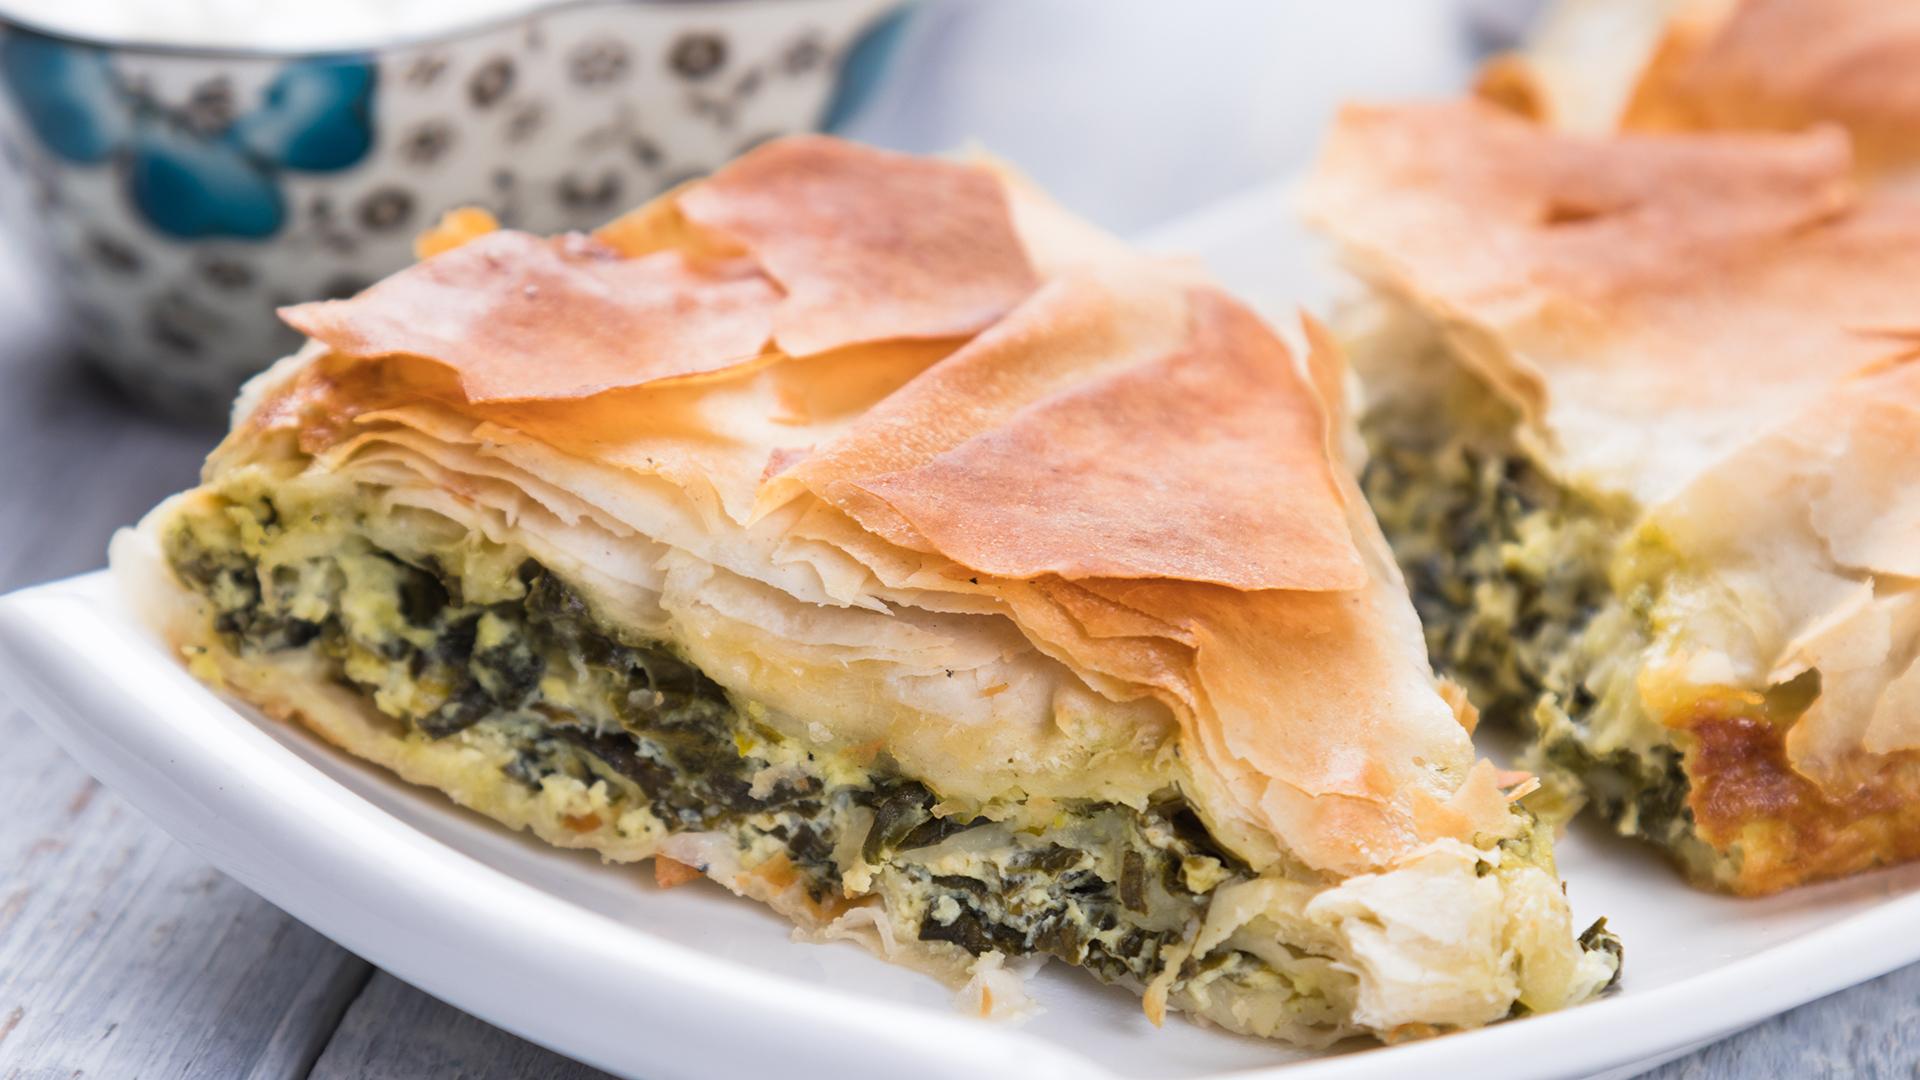 La spanakopita griega es un pastel hecho de masa filo escamosa, queso feta, espinacas, huevo y condimentos varios